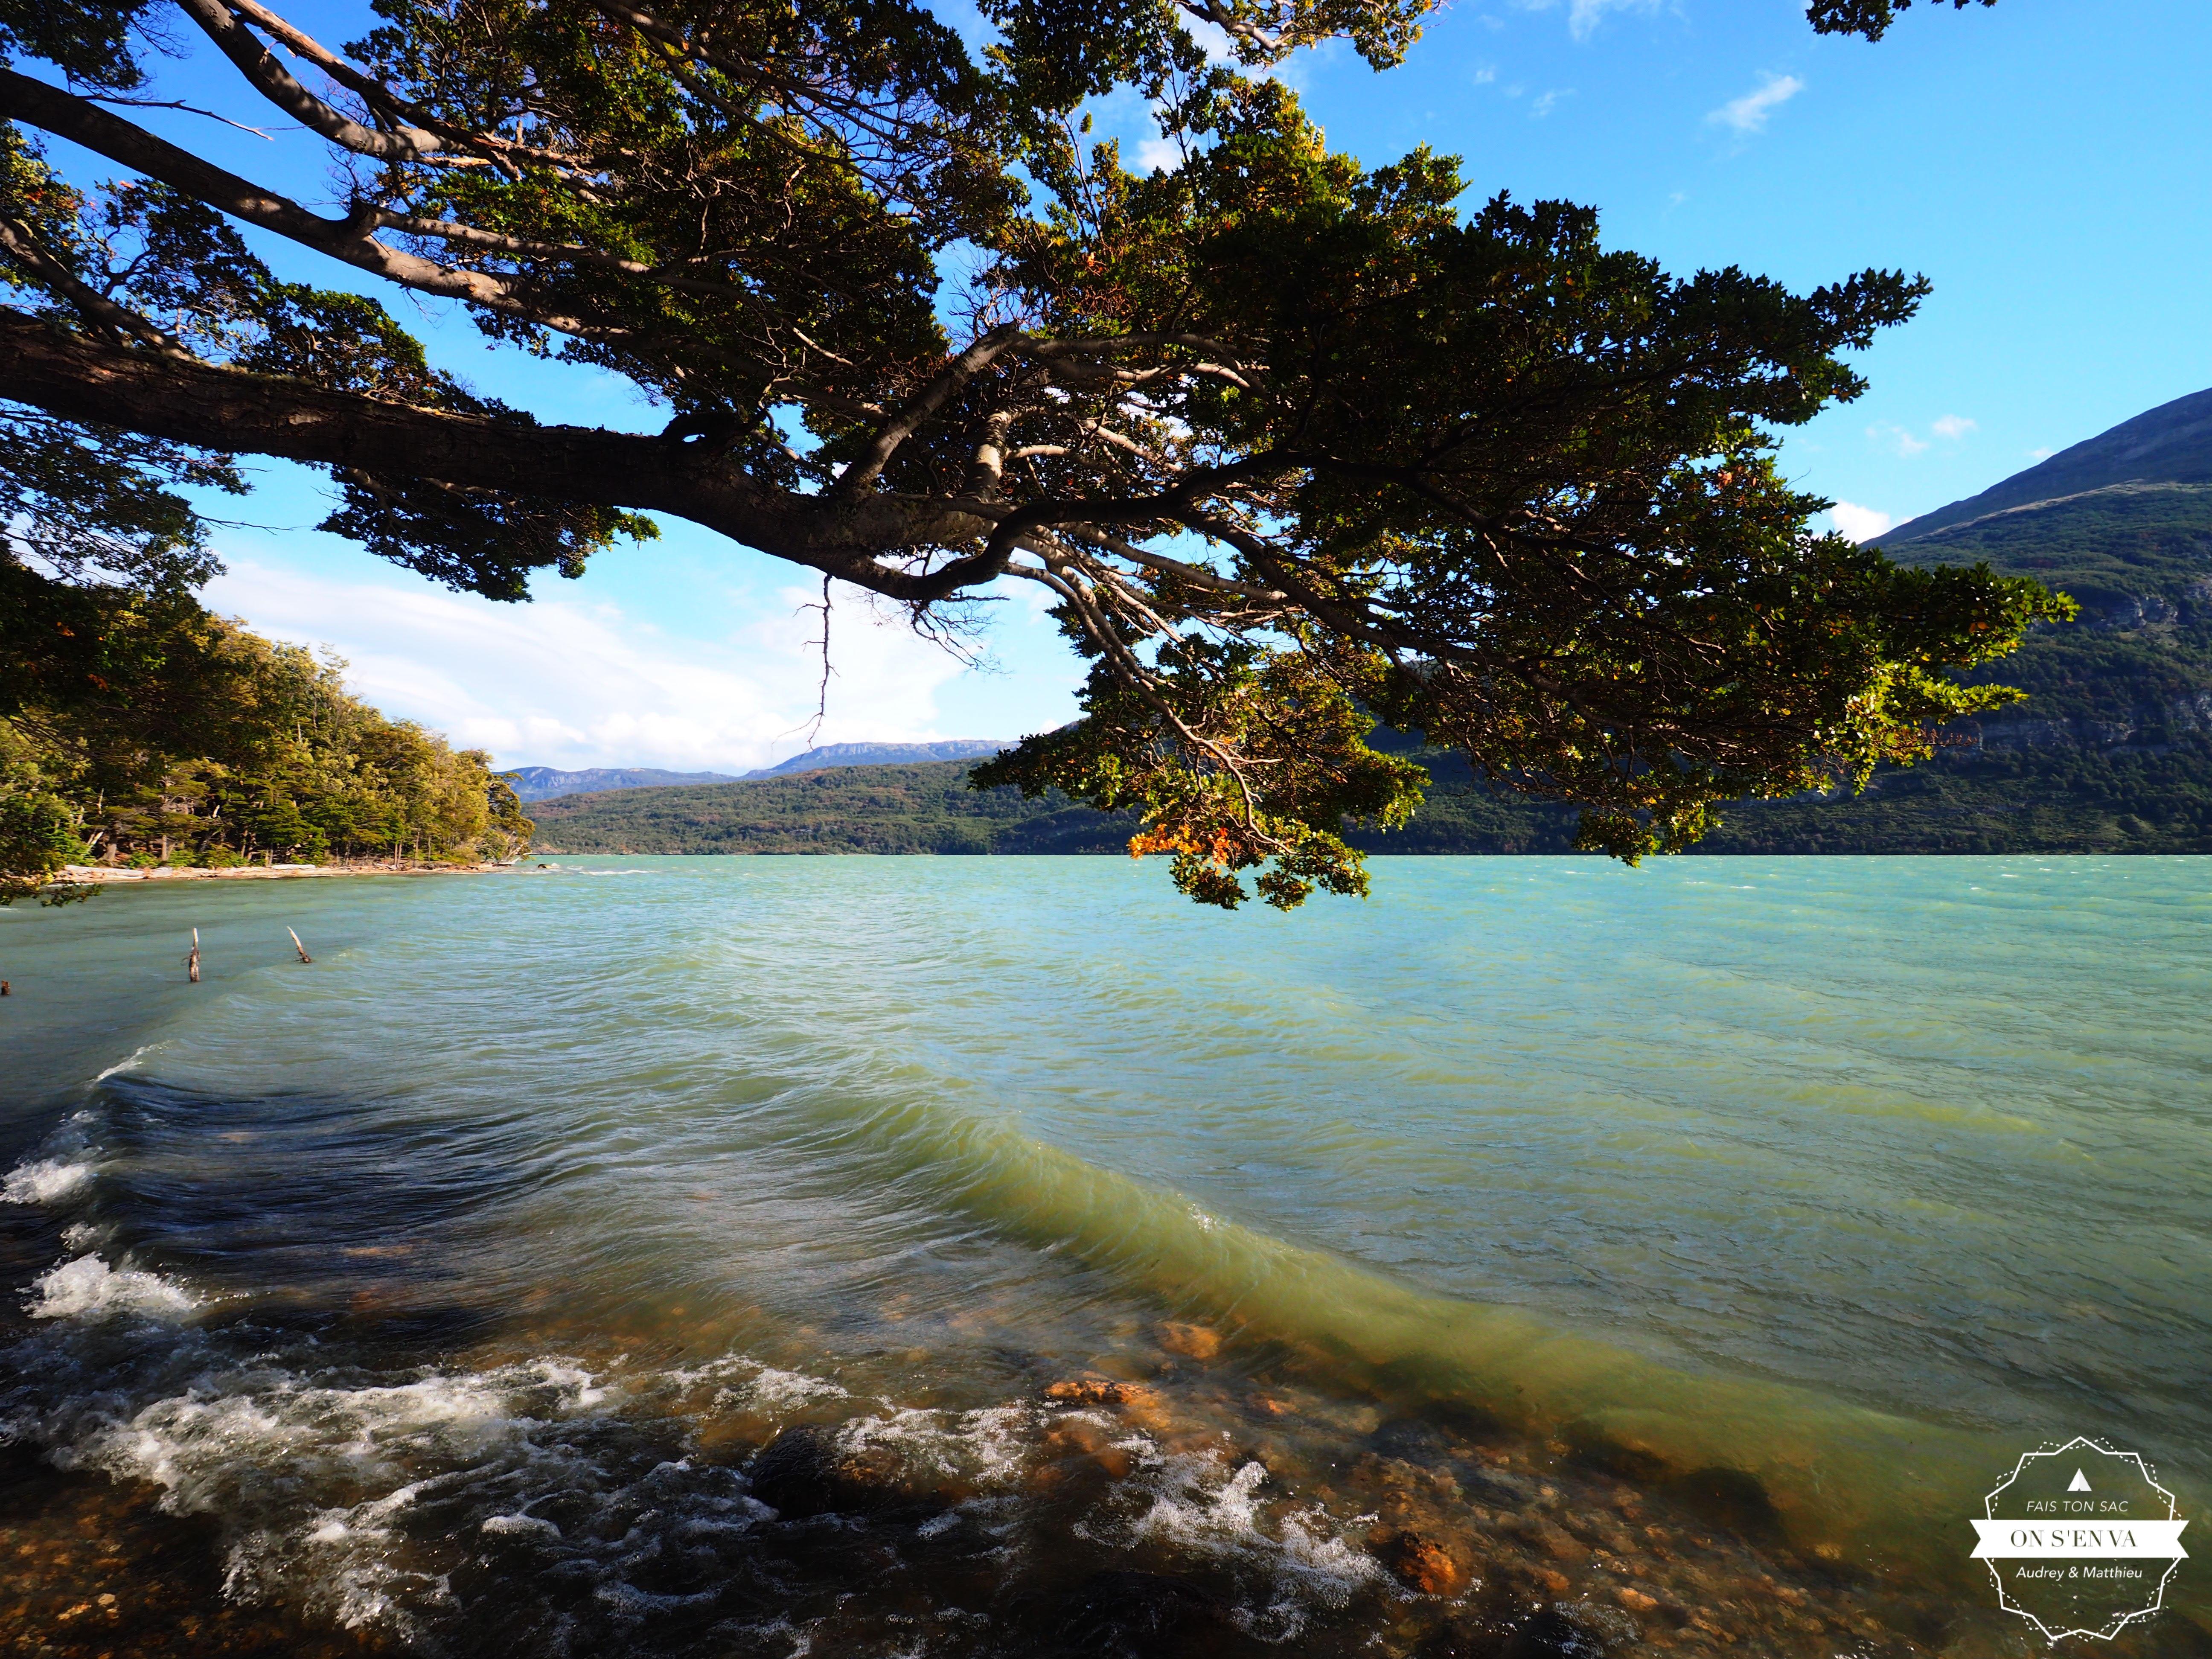 Retour sur les bords du Lago Roca